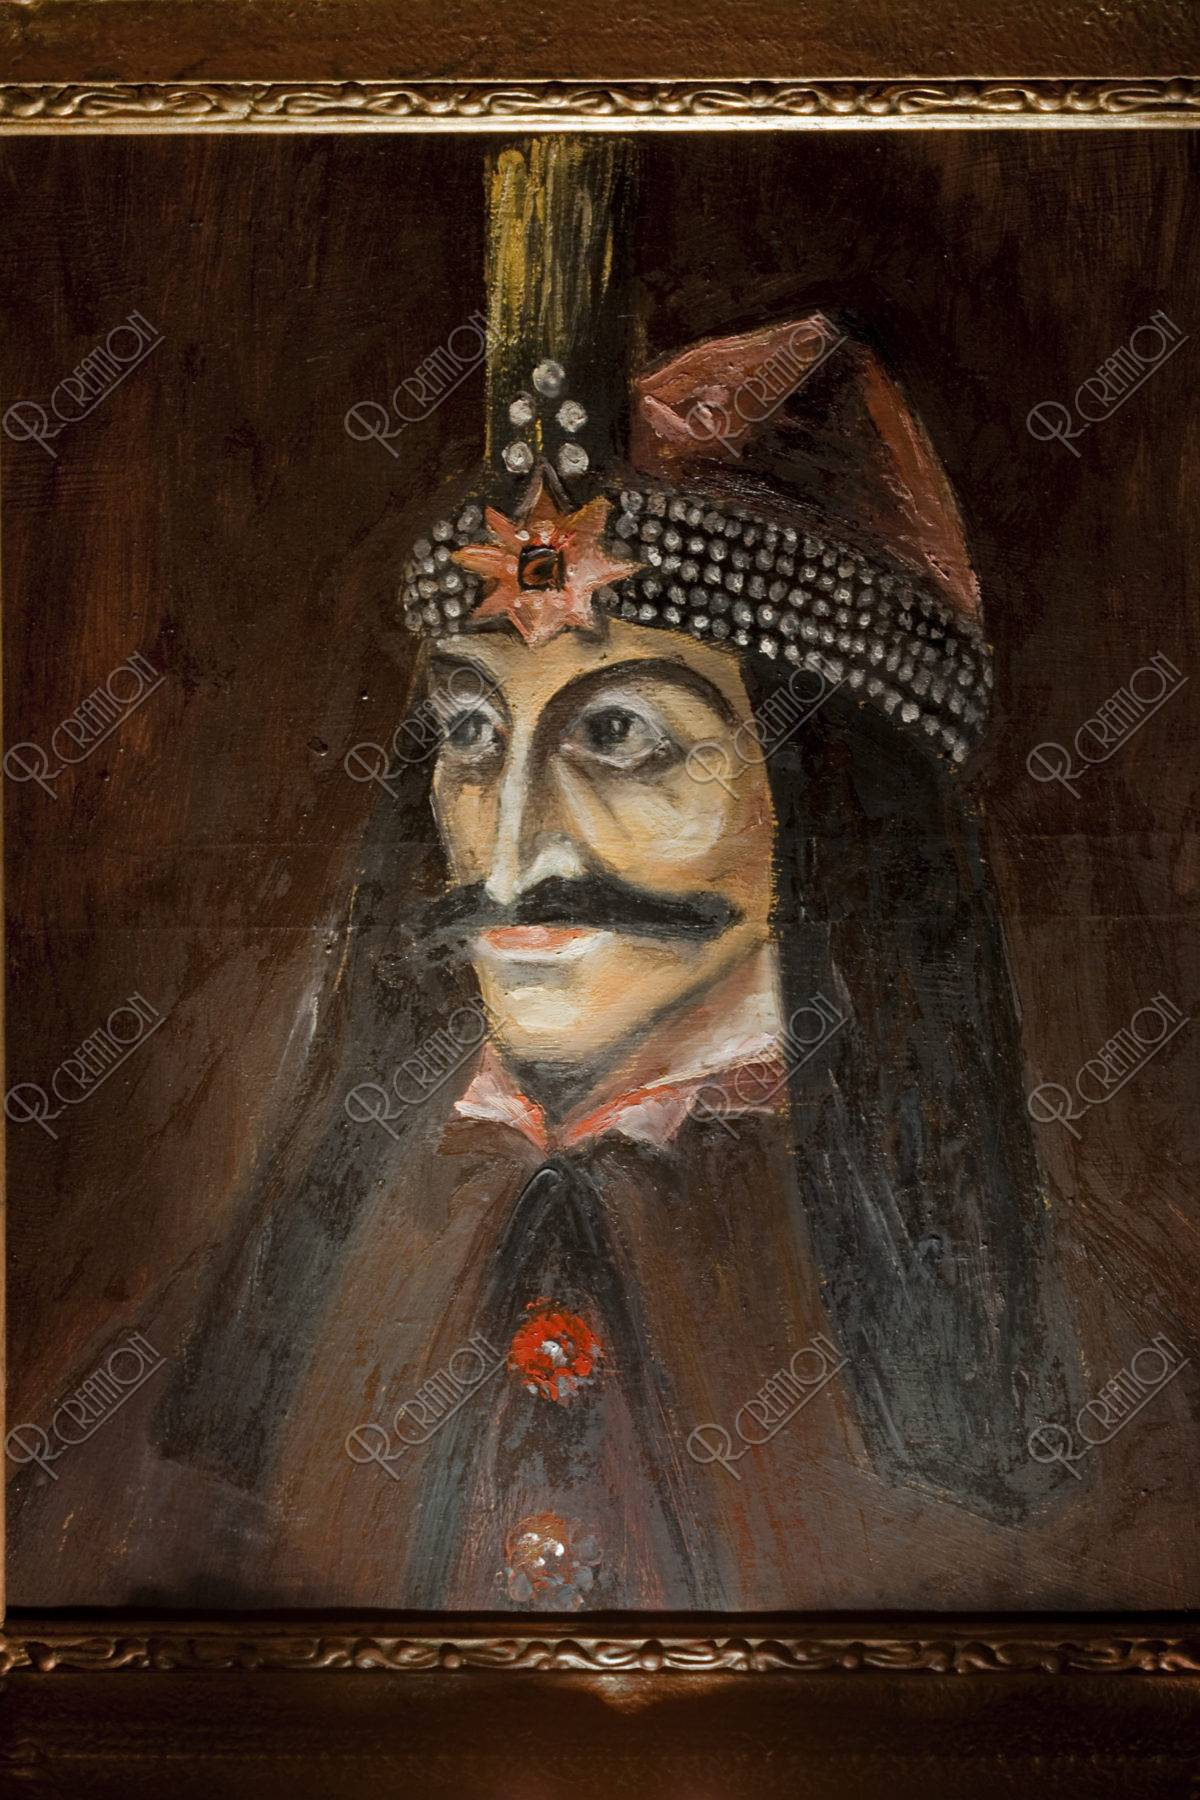 ヴラドツェペシュの肖像画